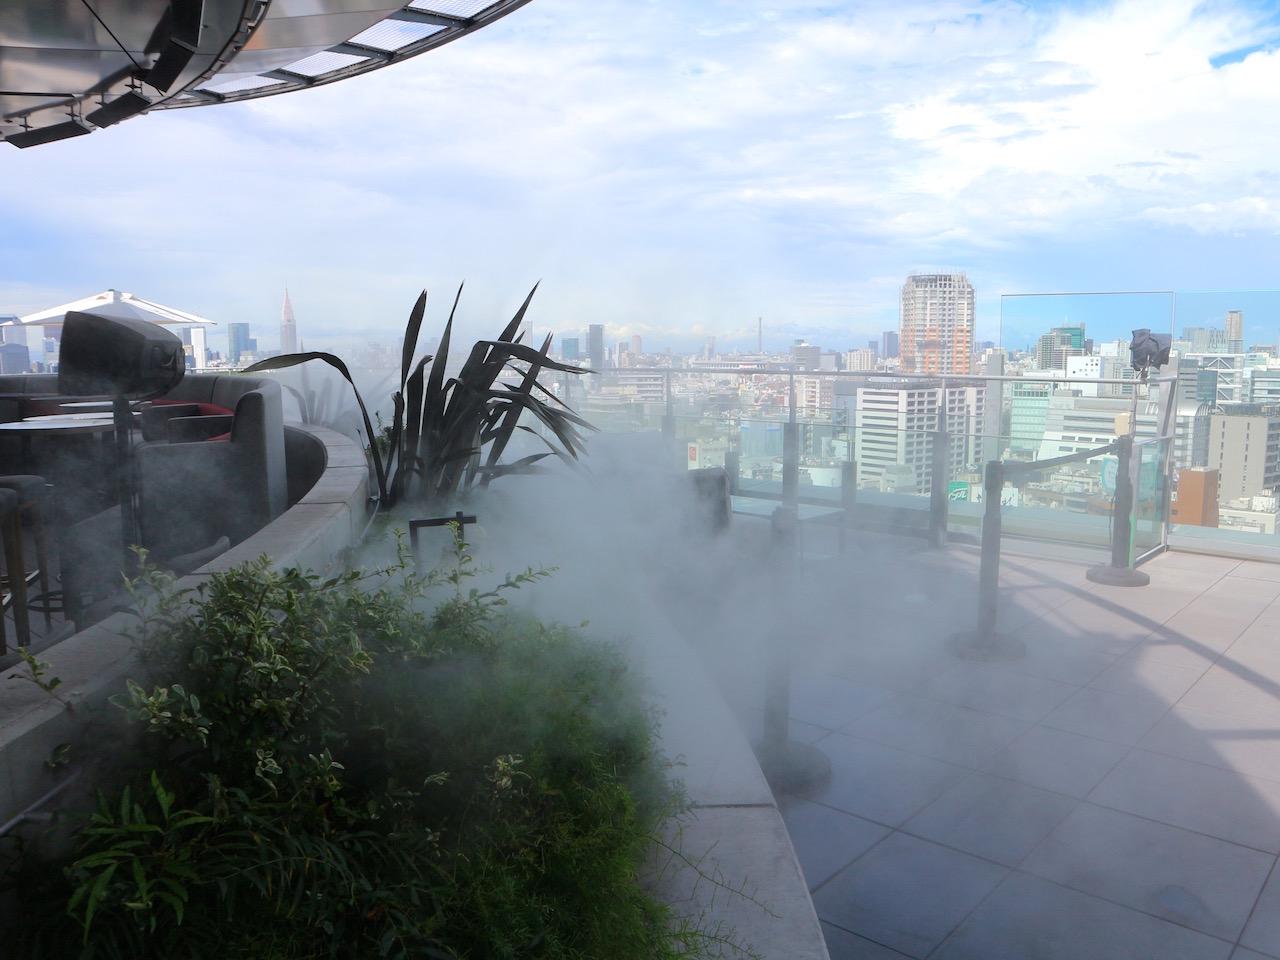 絶景&ミストで「東急プラザ 渋谷」がまるで避暑地!?買い物ついでに厳選グルメや東北のお祭り気分を満喫 画像1